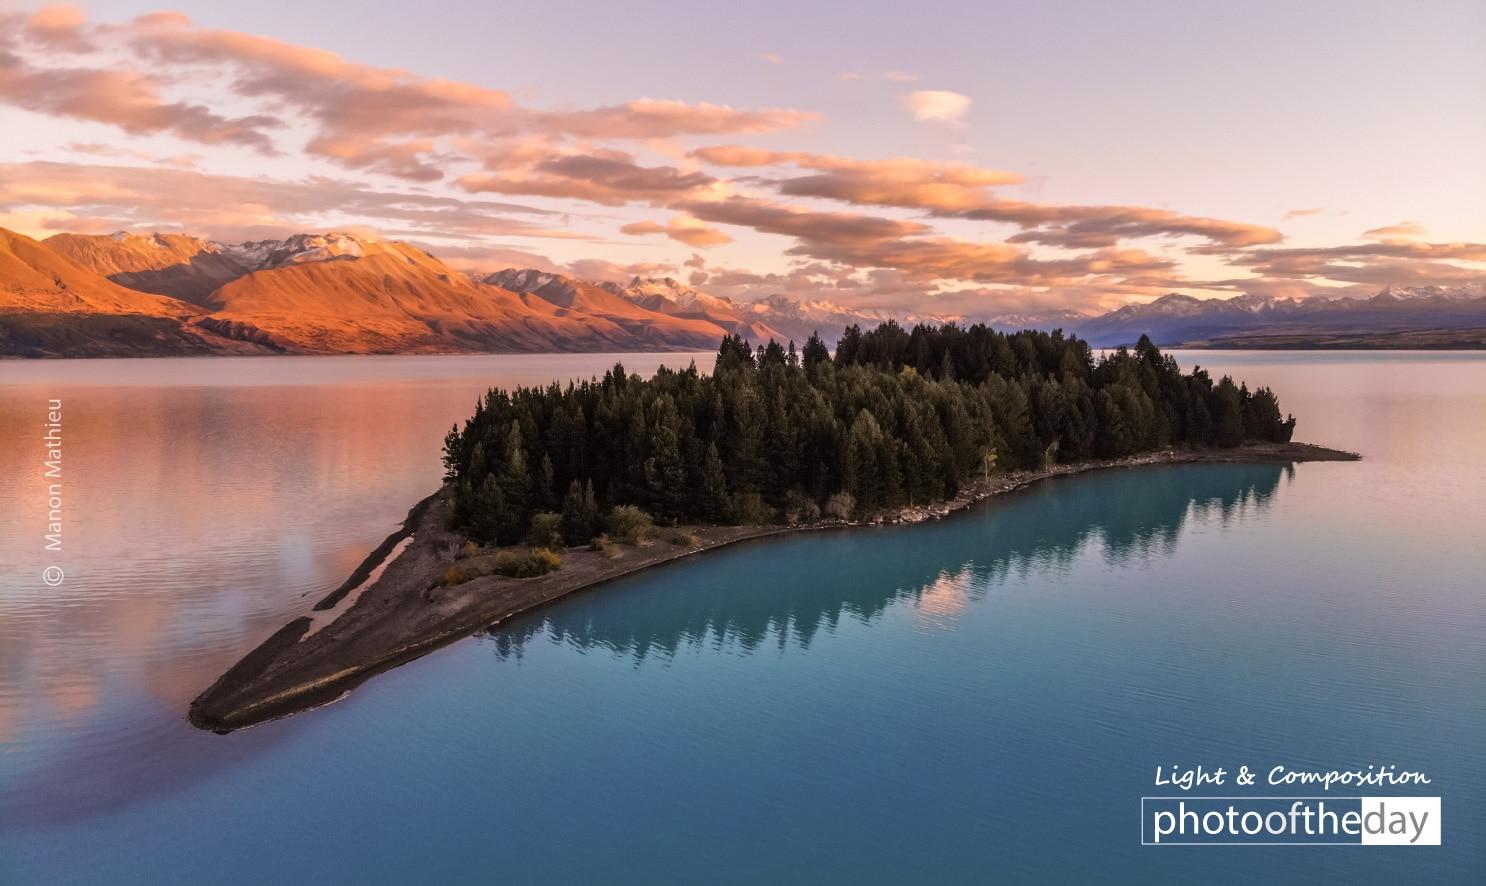 Kiwi on Lake Pukaki by Manon Mathieu